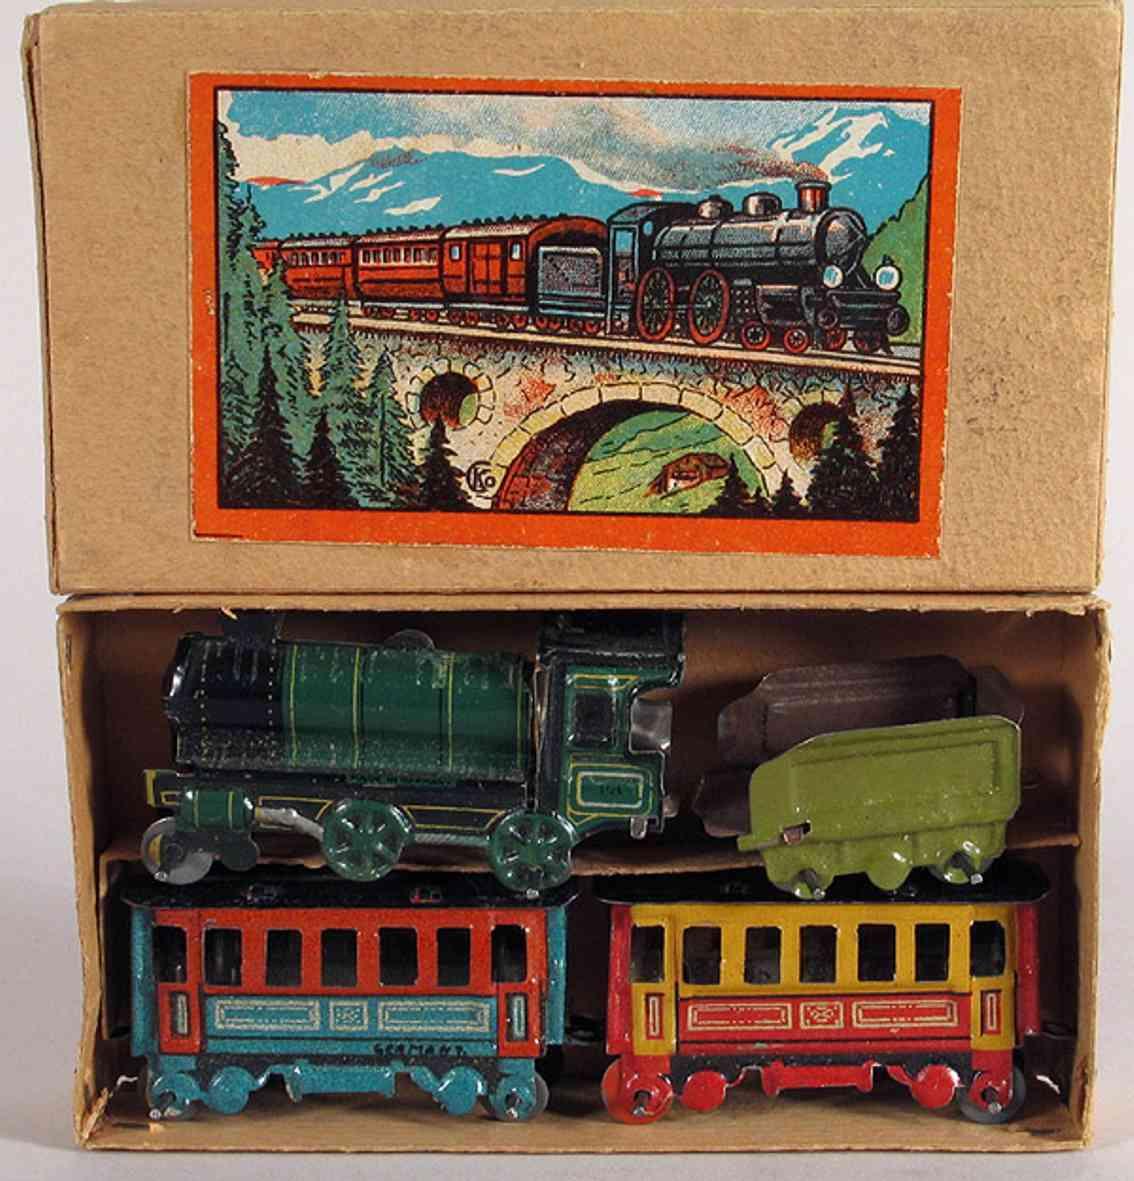 Kellermann Penny Toy Zugpackung mit Lokomotive Tender und 2 Personenwagen